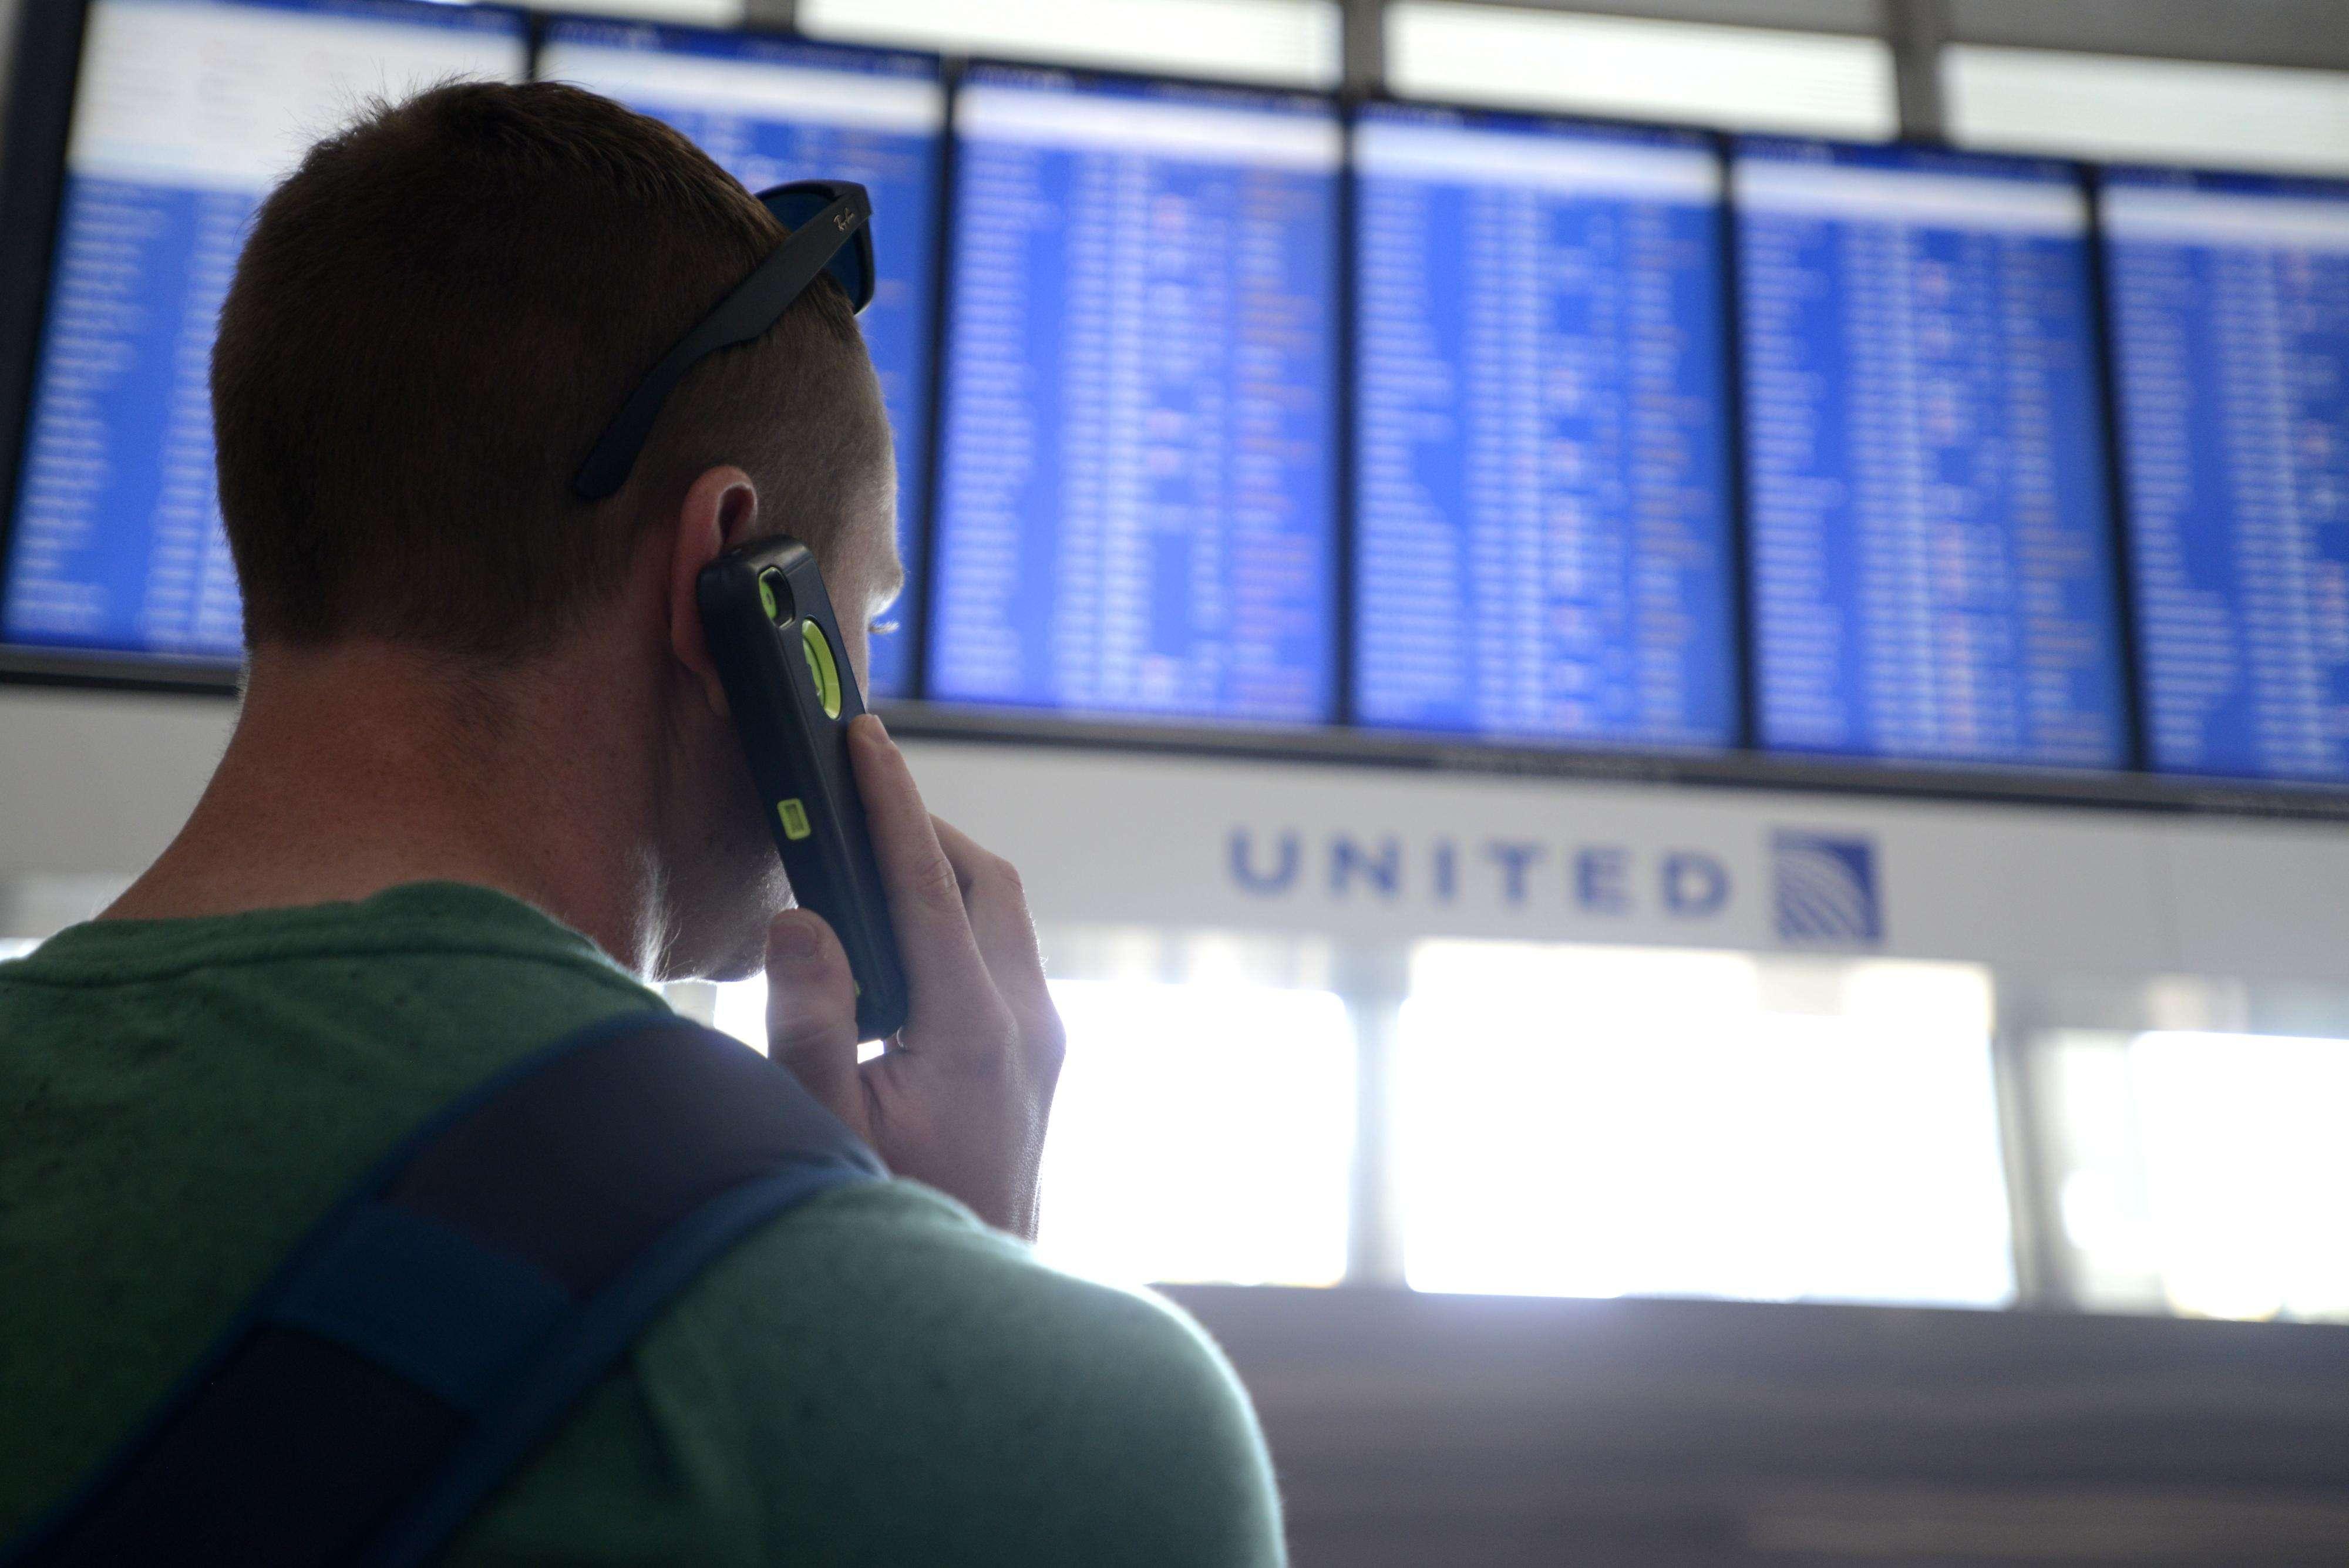 El pasajero Dennis McCormack de Rockaway, N.J. resultó afectado en la cancelación de vuelos la semana pasada en el O'Hare International Airport. Foto: AP en español